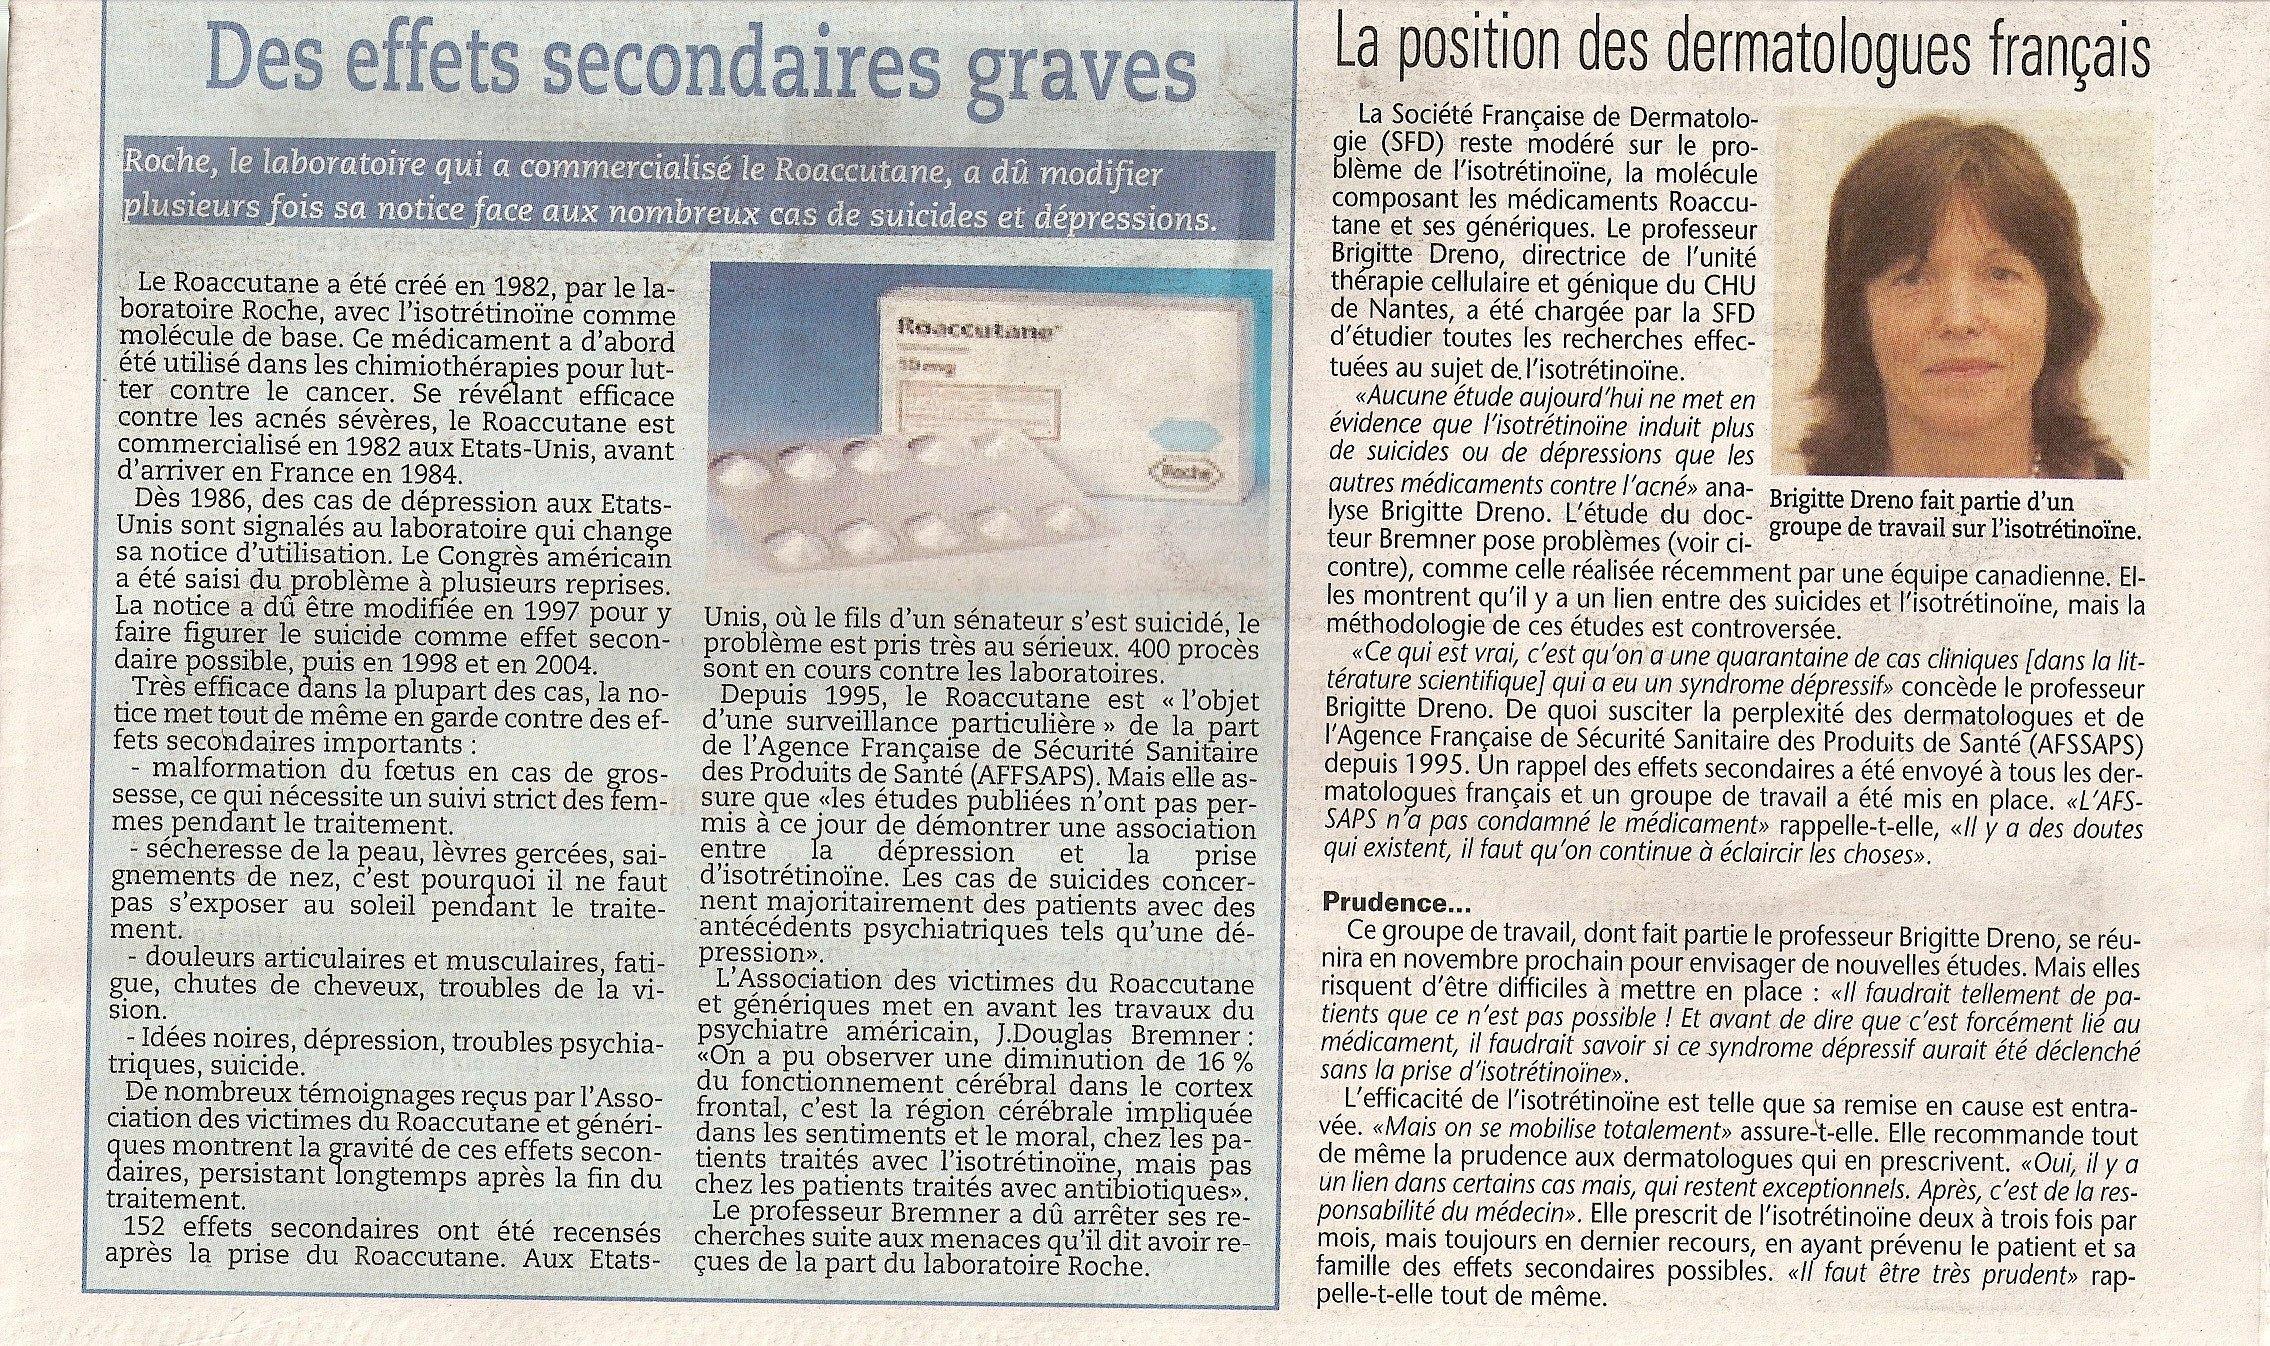 medicaments generique suspendus